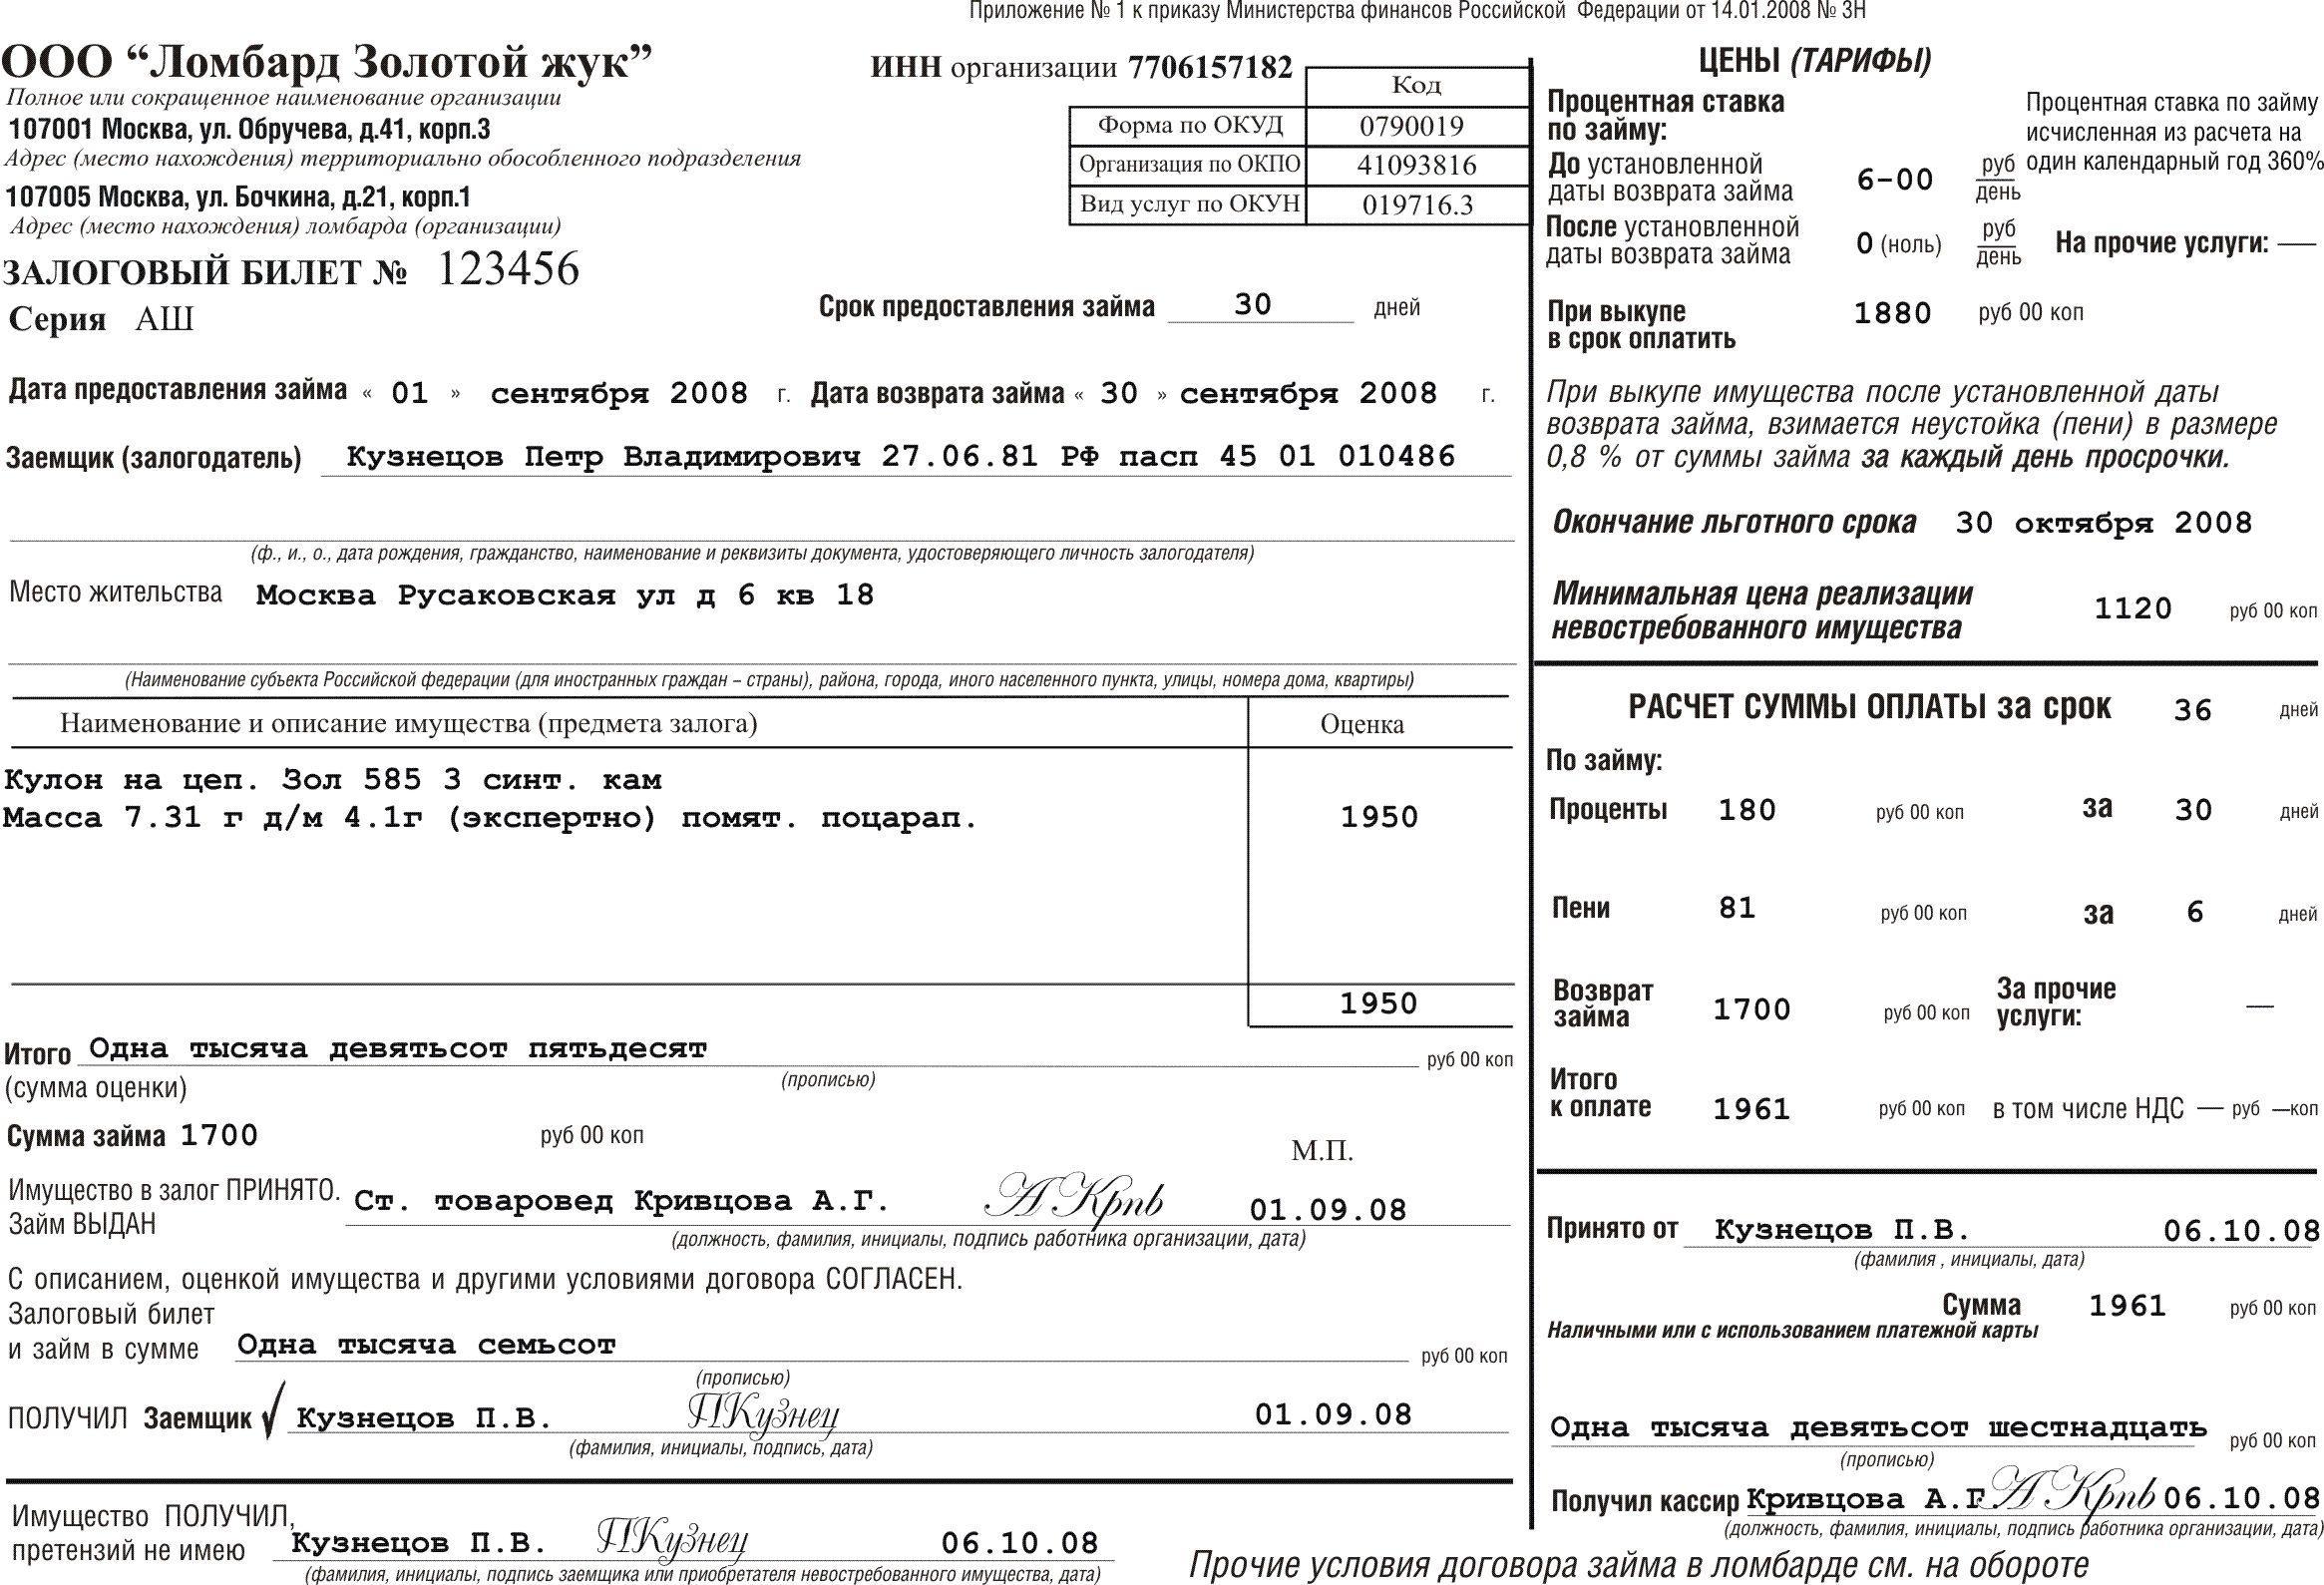 Заявление р13001 скачать новый бланк - b943